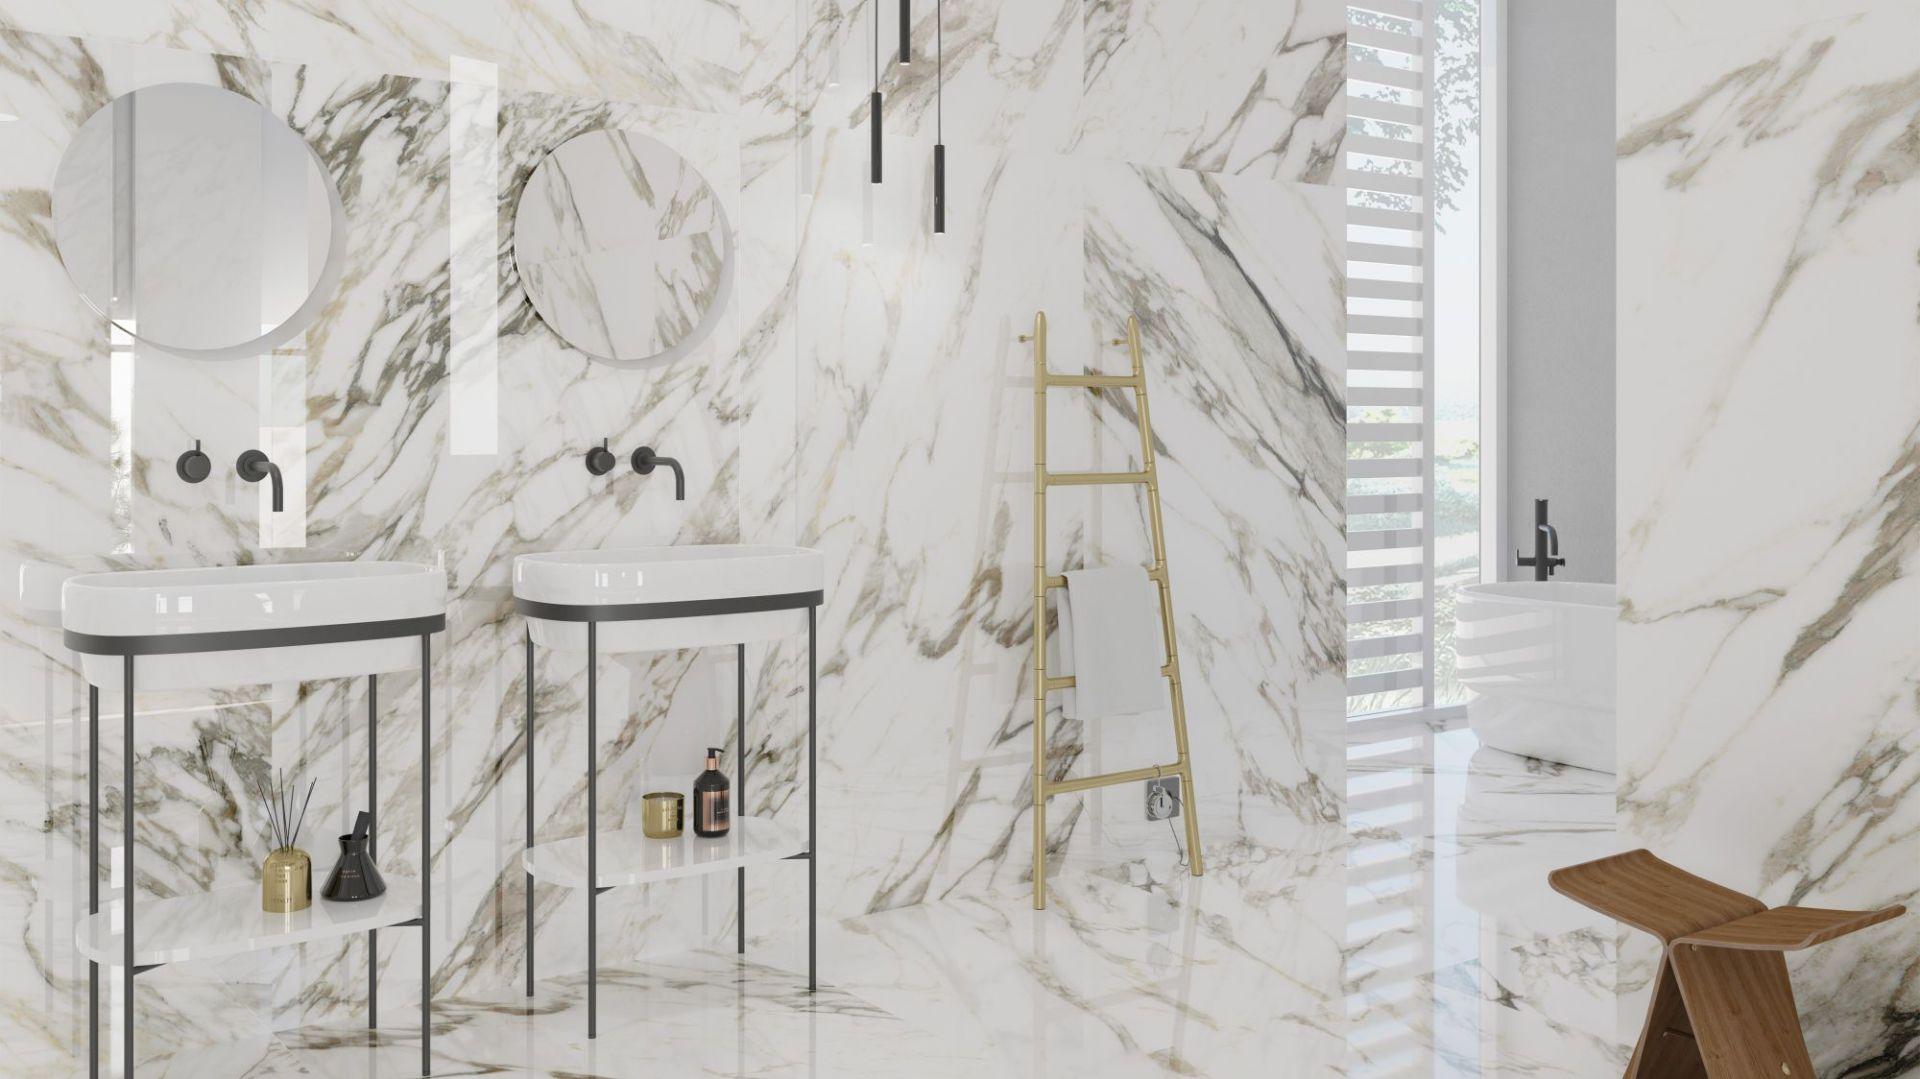 Nowoczesna łazienka. 30 pięknych kolekcji płytek ceramicznych. Producent Museum, kolekcja Macchiavecchia 4d. Fot. Museum